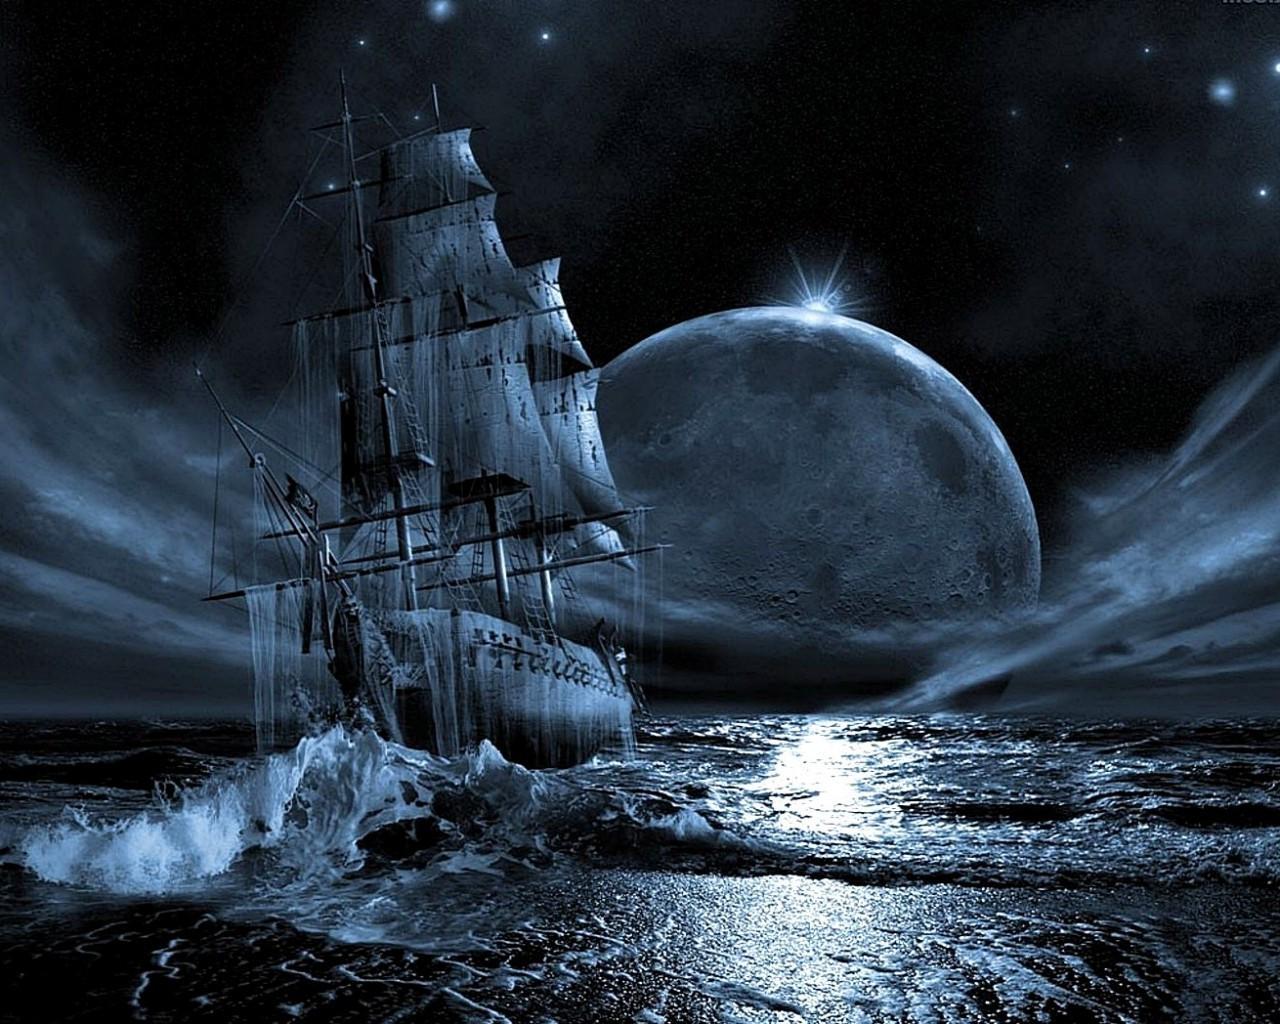 Корабль призрак - скачать обои на рабочий стол. Обои для ...